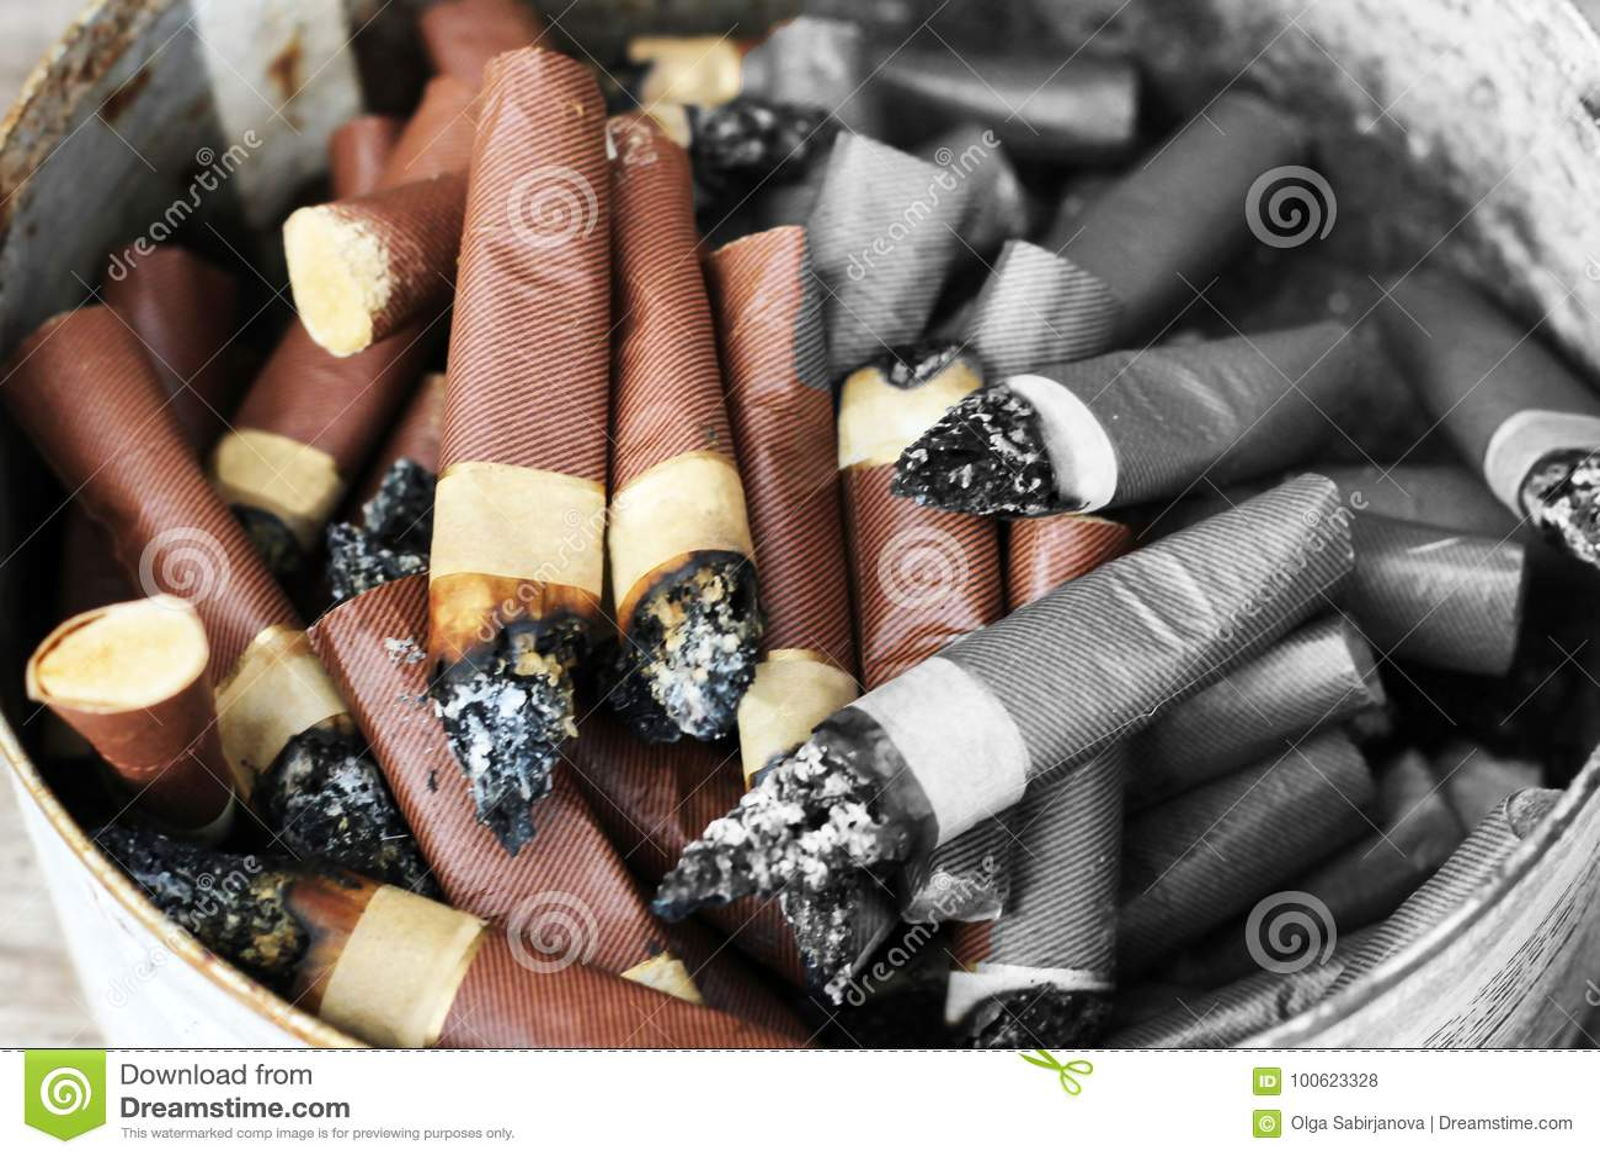 zigarettenkippen gestapelt der schaden zur gesundheit nikotin stockfoto bild von haufen. Black Bedroom Furniture Sets. Home Design Ideas